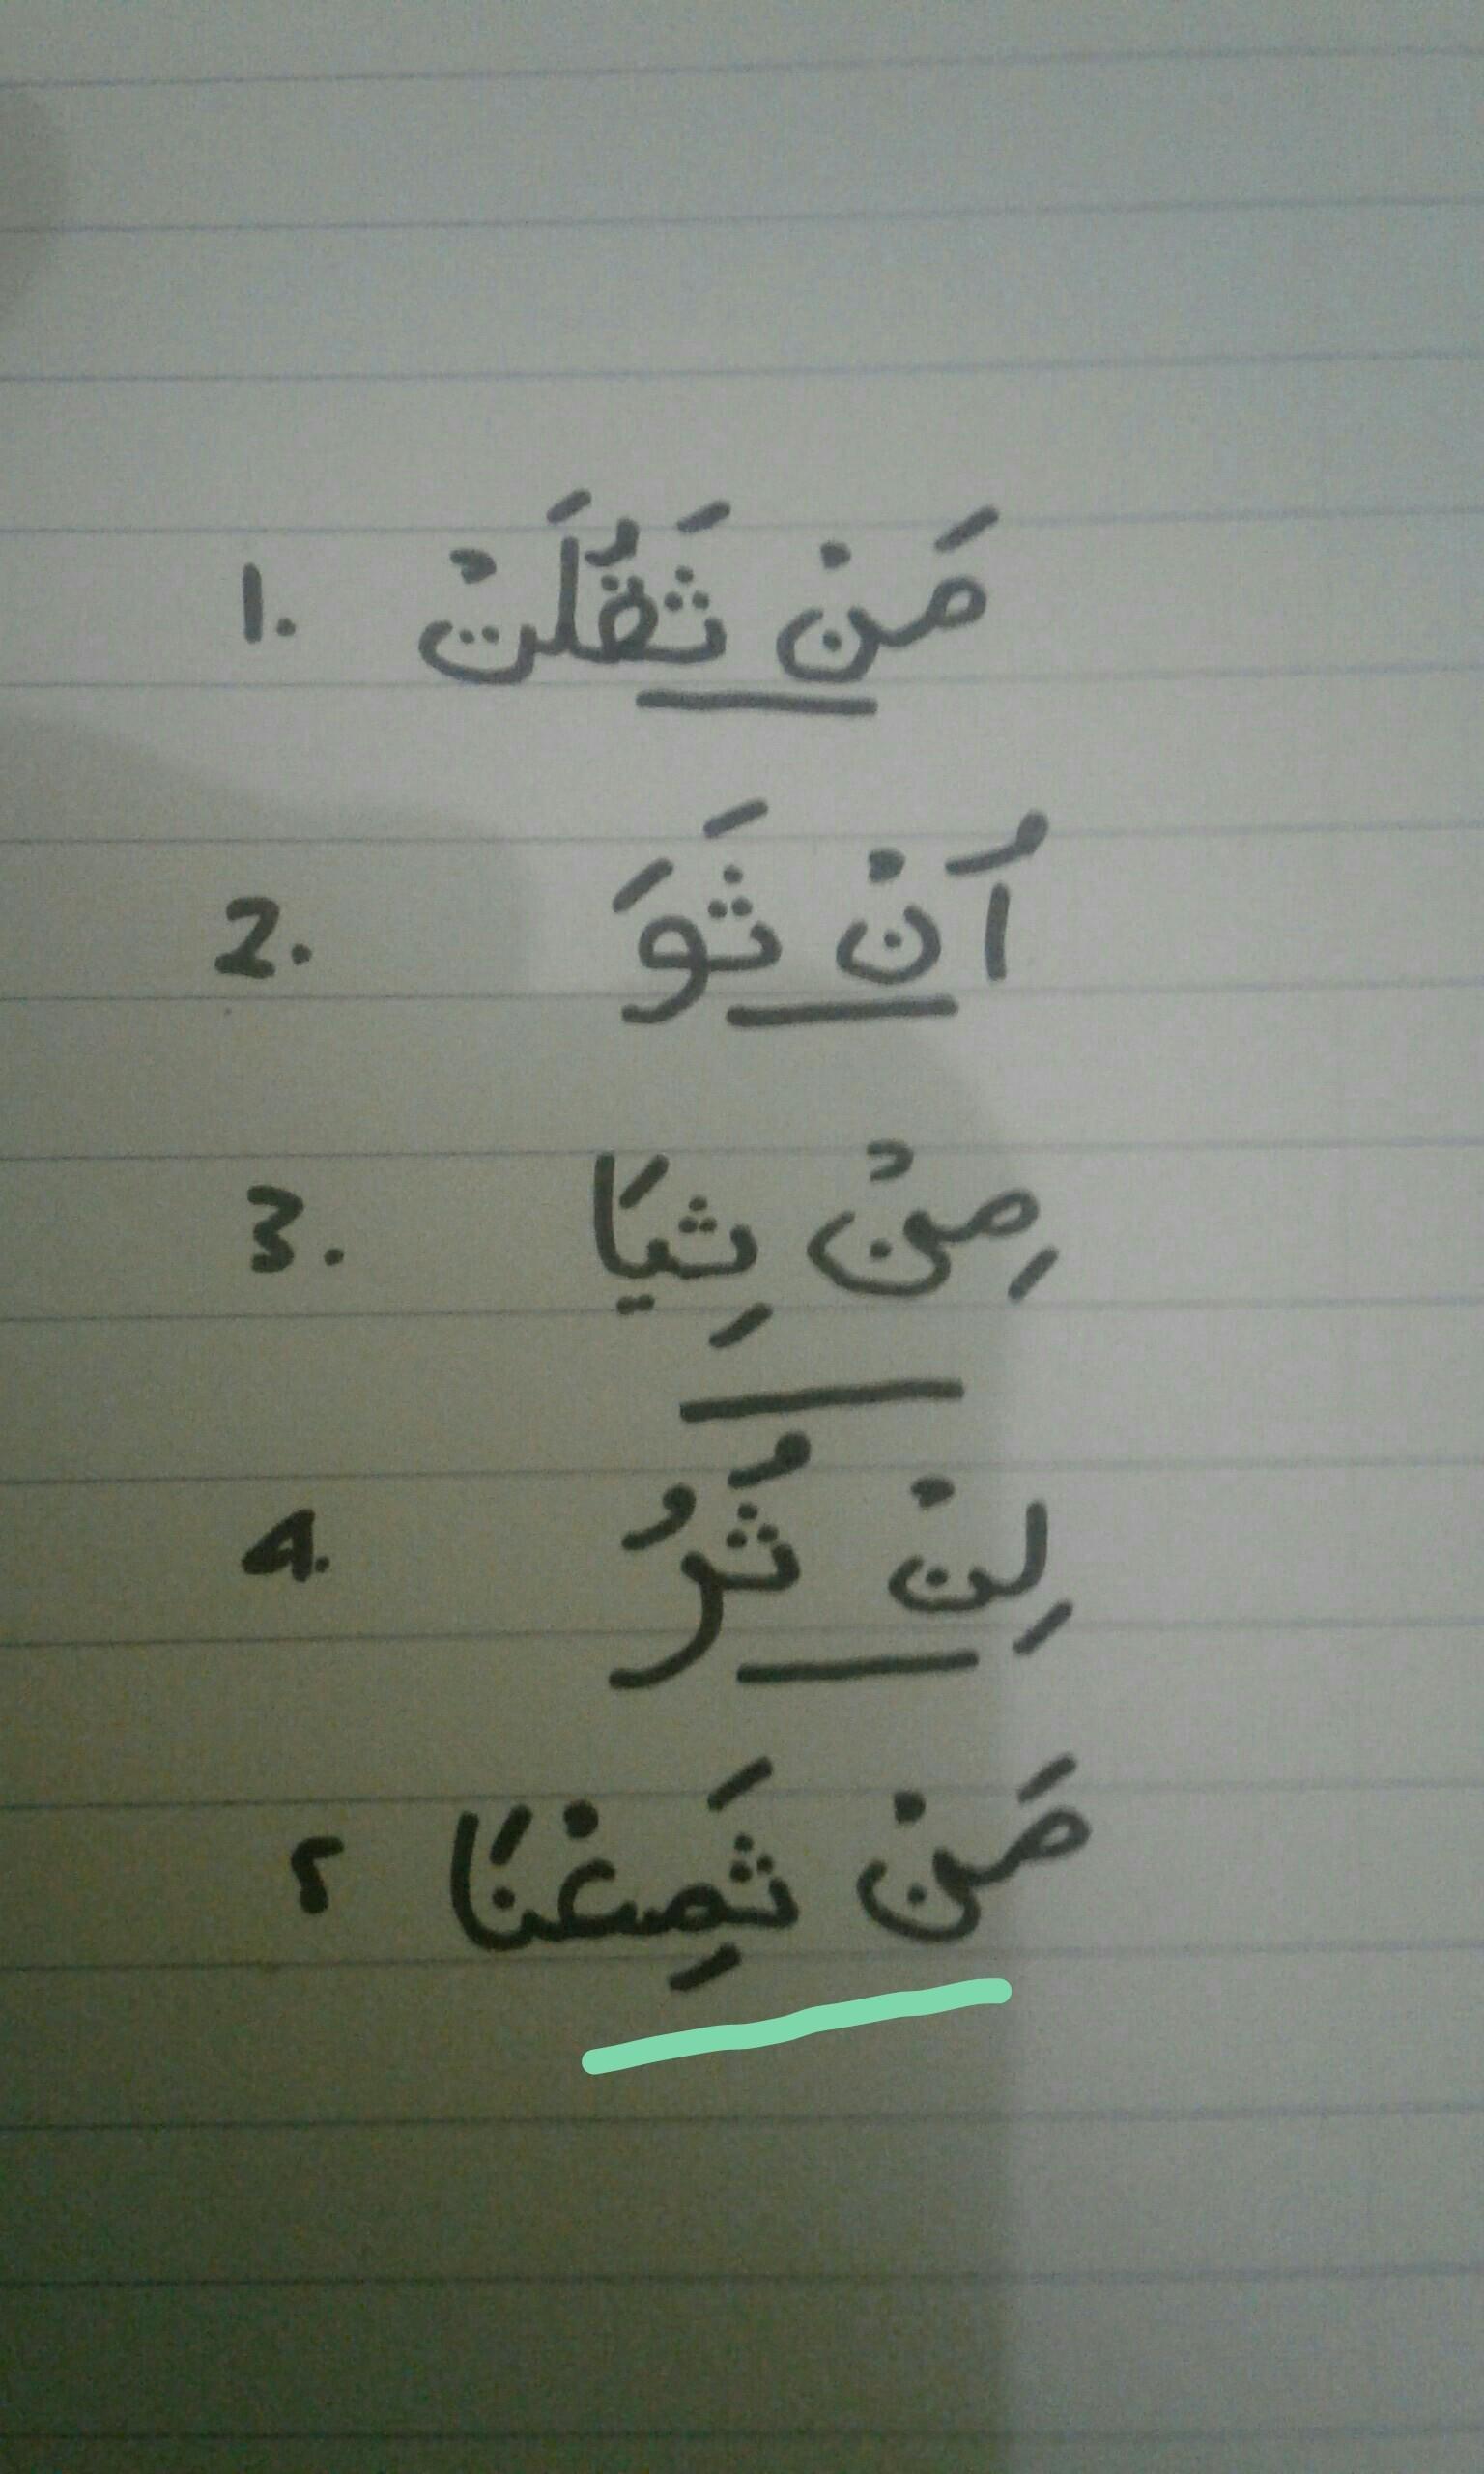 15 Huruf Ikhfa Dan Contohnya : huruf, ikhfa, contohnya, Buatkan, Contoh, Bacaan, Ikhfa, Dengan, Menggunakan, Huruf, Al-Quran, Brainly.co.id